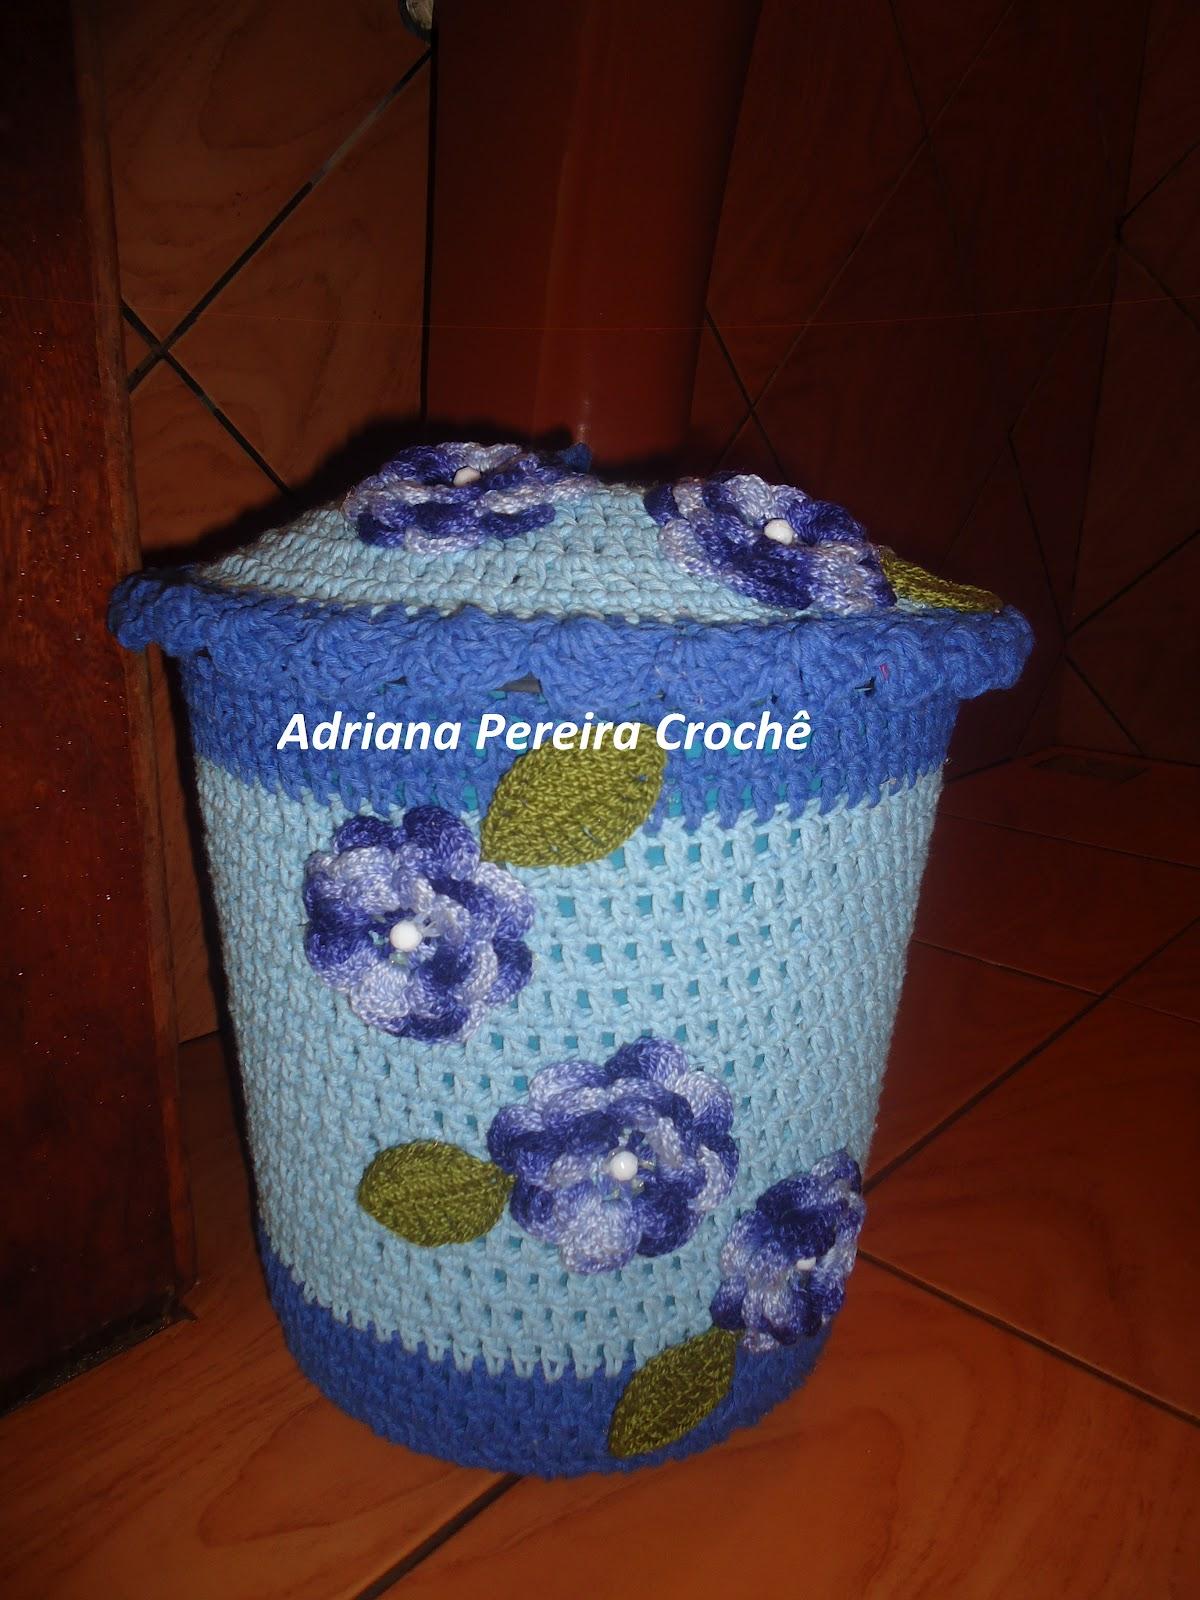 Adriana Pereira Crochê: Lixeira Revestida com Crochê #6E270C 1200 1600